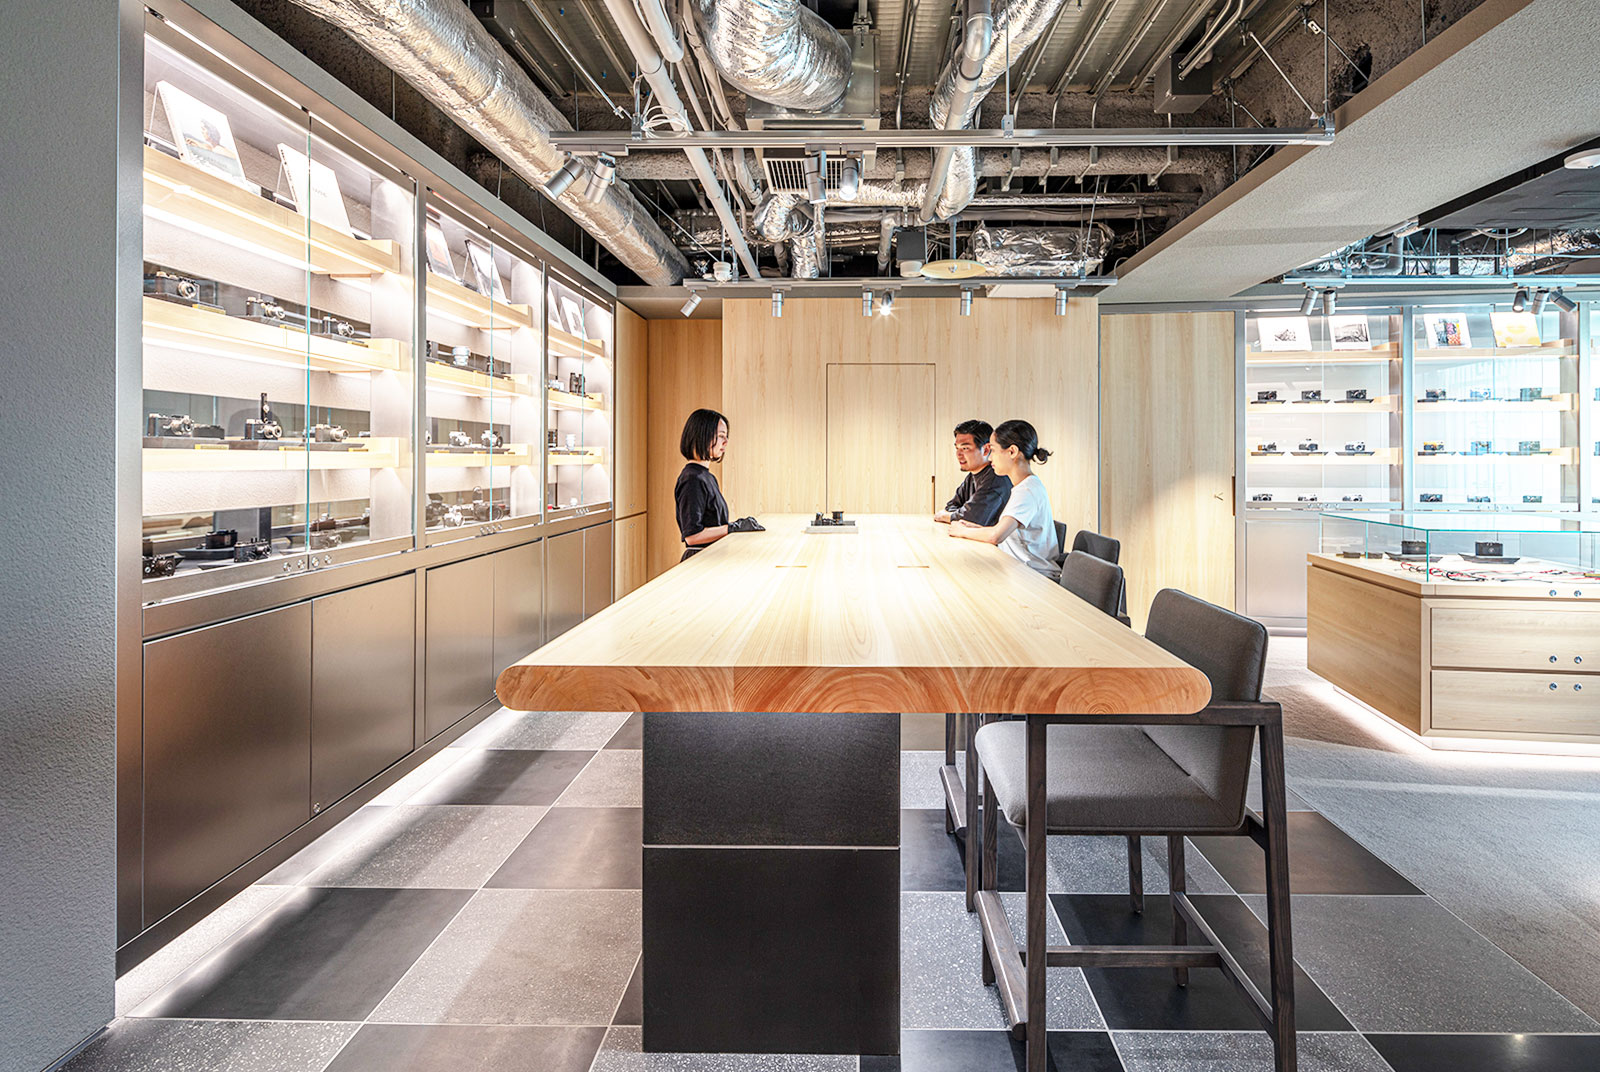 6階ラウンジのカウンターにはヒノキの無垢材を使う。カメラ生産のシェア率も高い日本ならではの技術力、上質感を表現